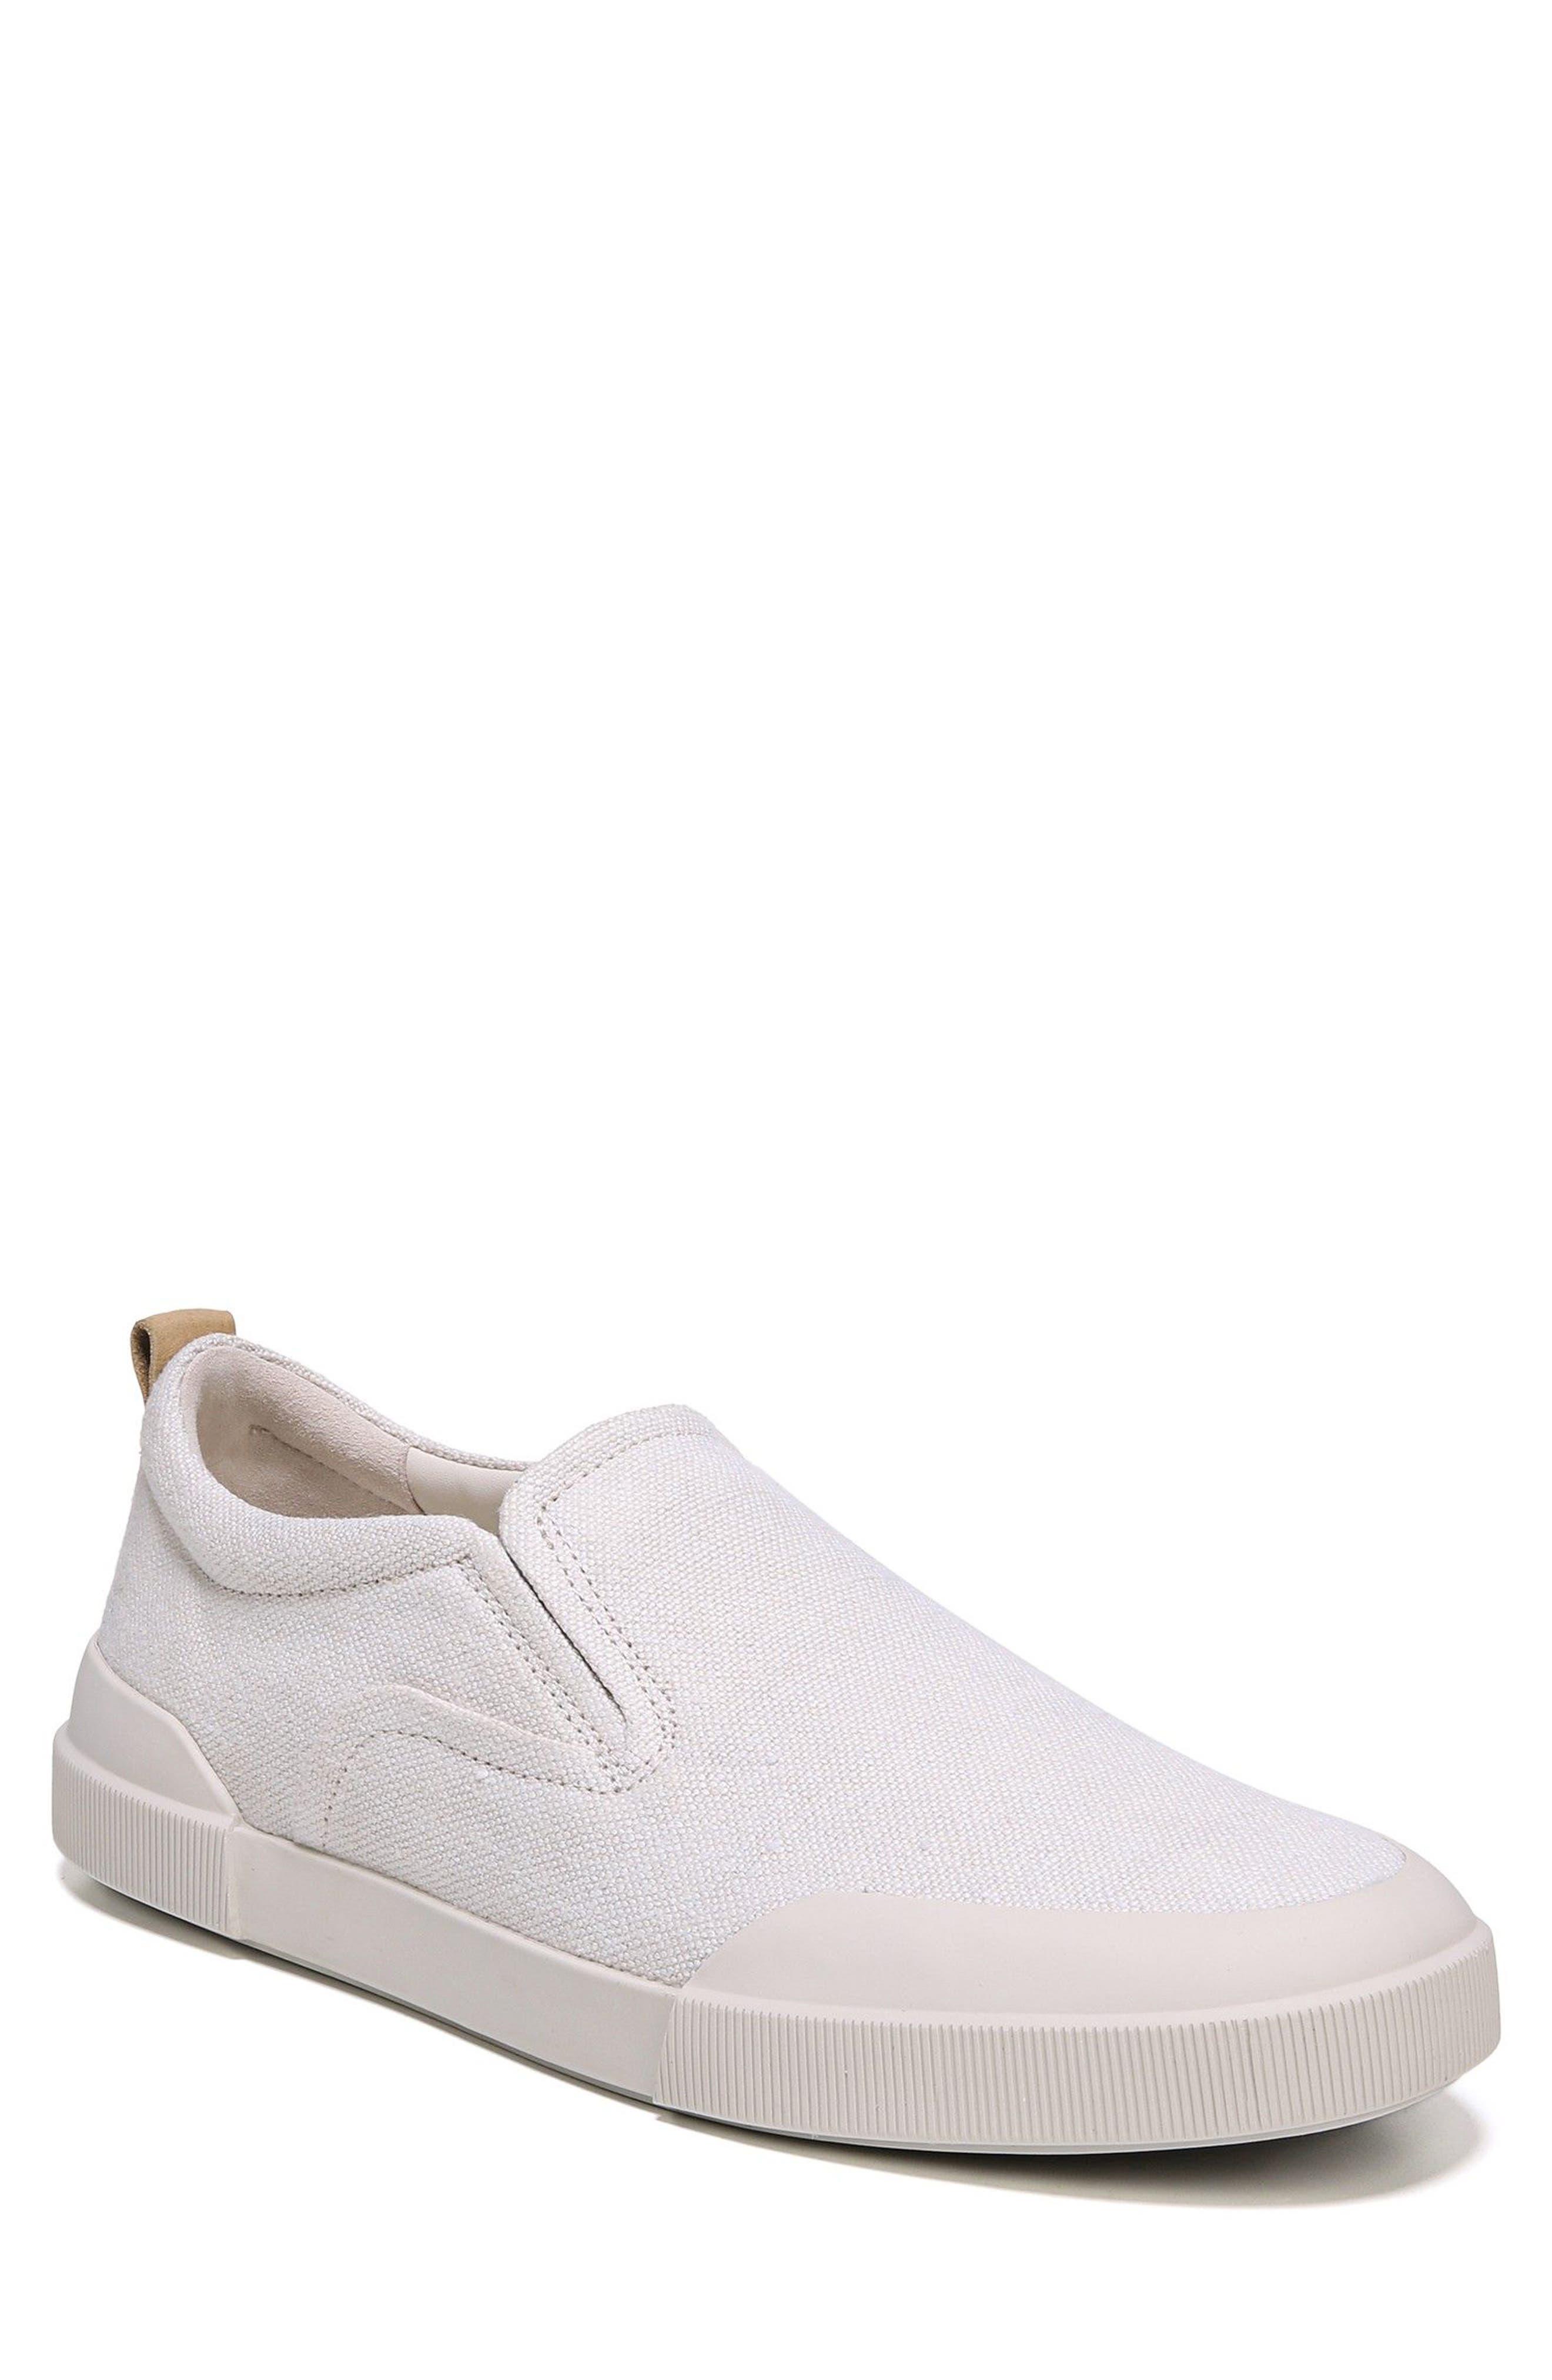 Vernon Slip-On Sneaker,                             Main thumbnail 3, color,